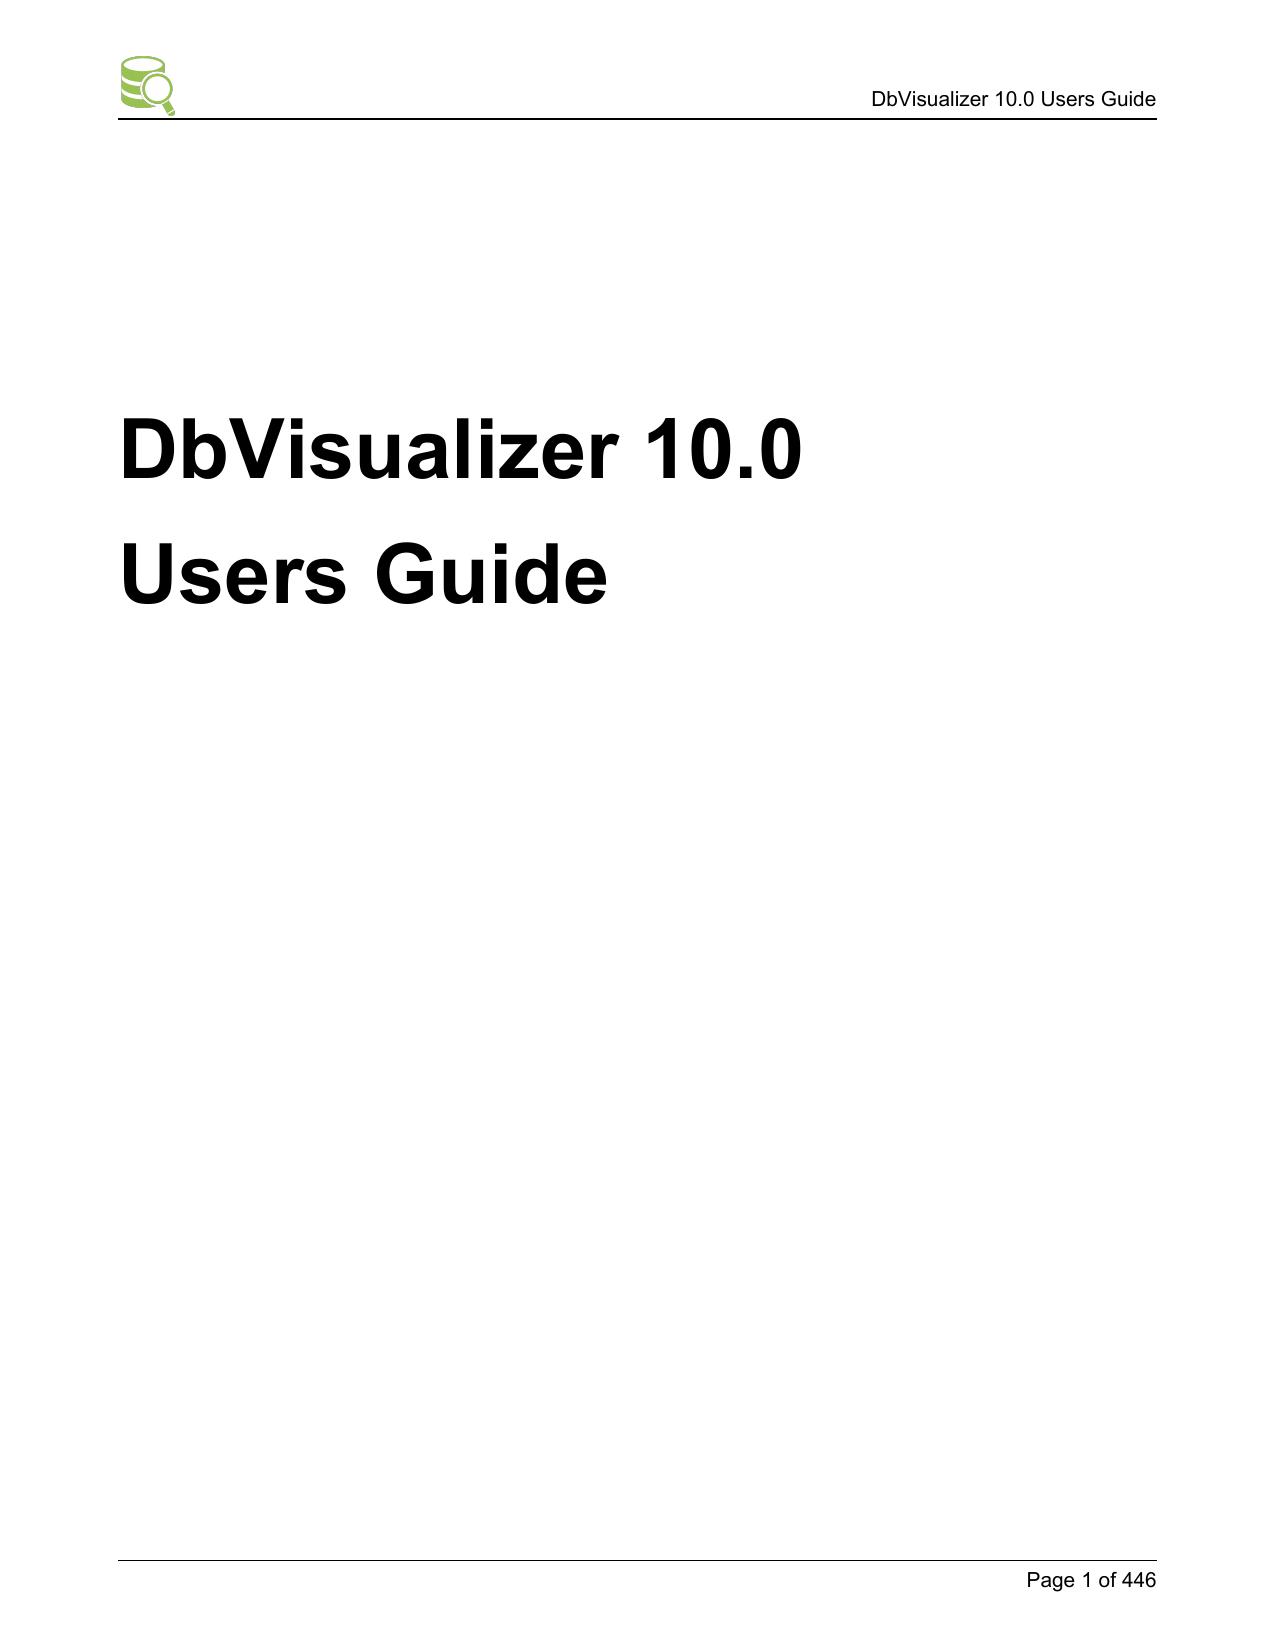 DbVisualizer 10 0 Users Guide | manualzz com